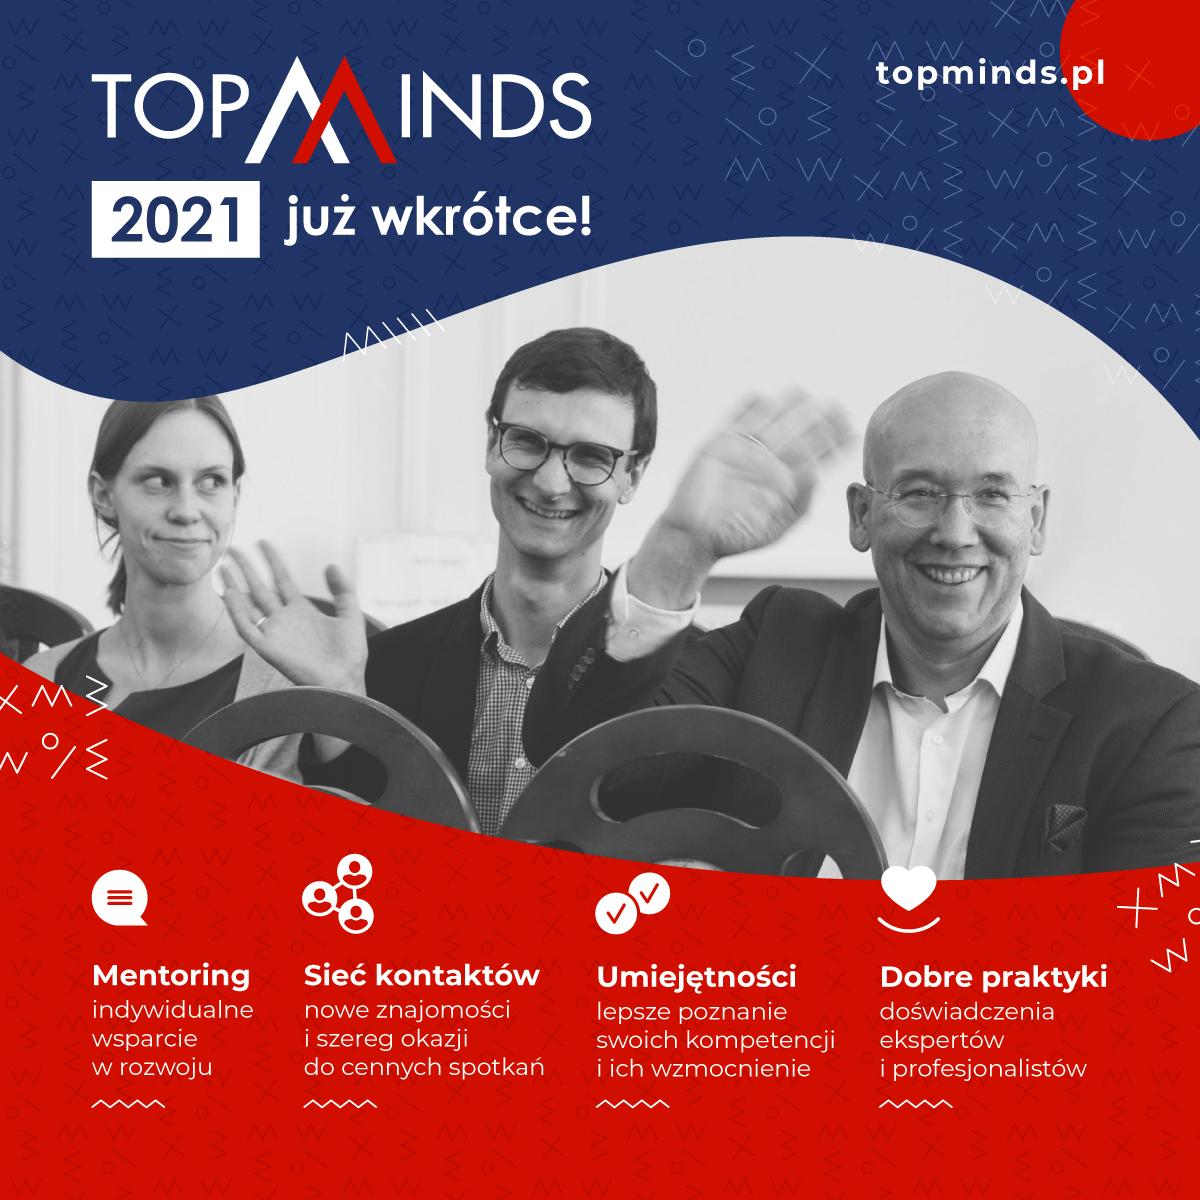 Program mentoringowy TopMinds 2021 – zapraszamy do udziału!